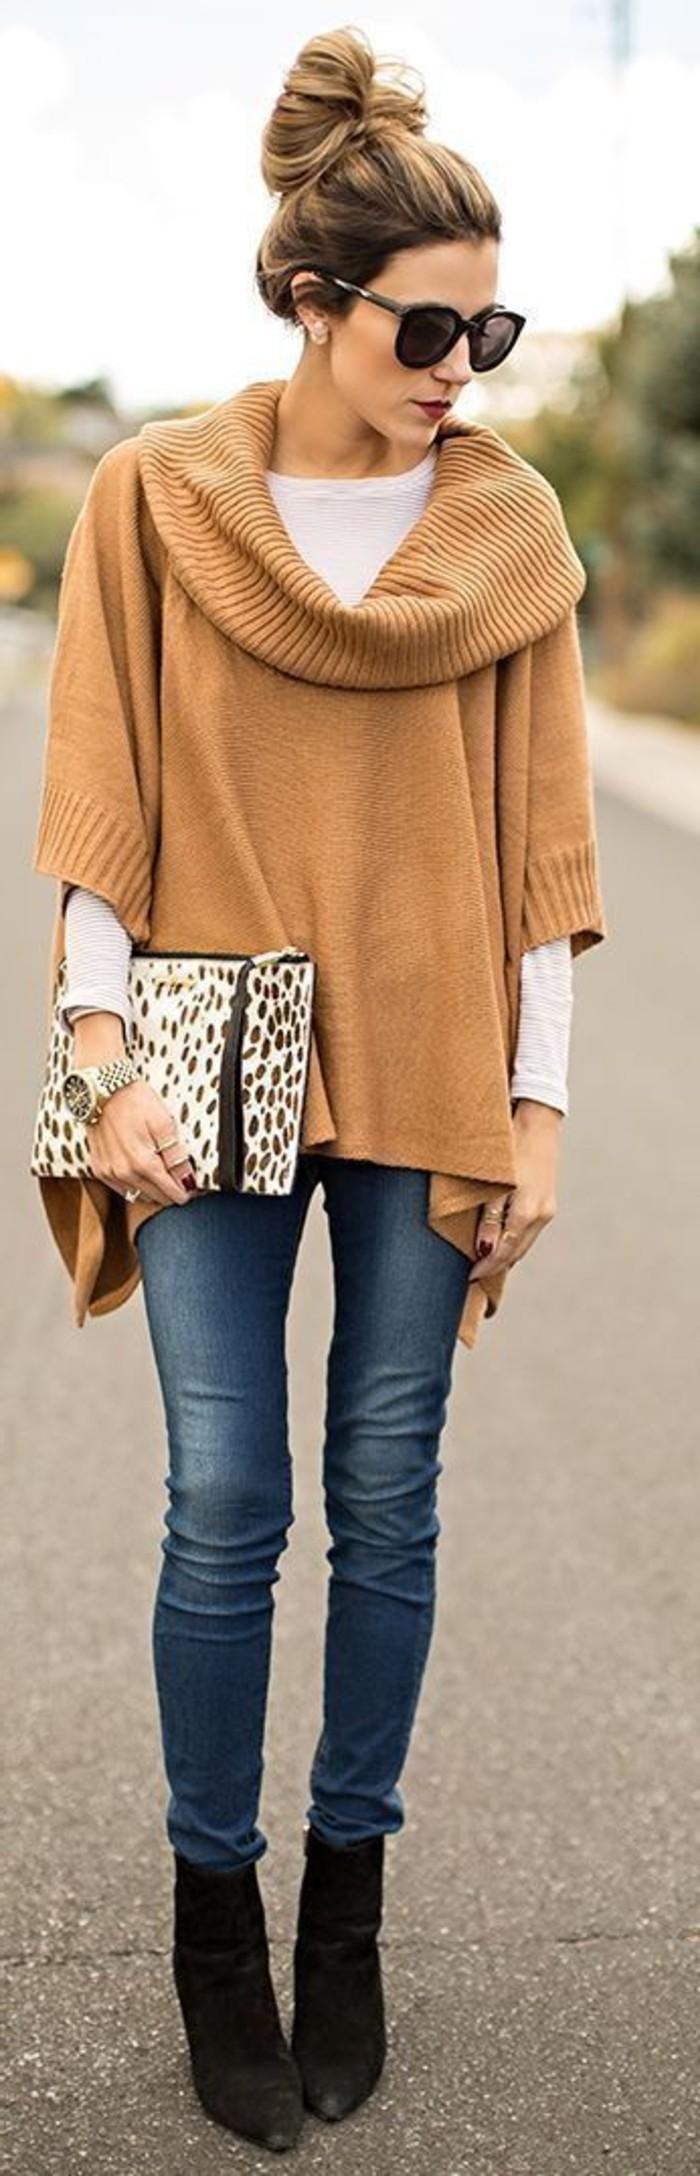 magnifique-look-chic-et-décontracté-femme-pull-beige